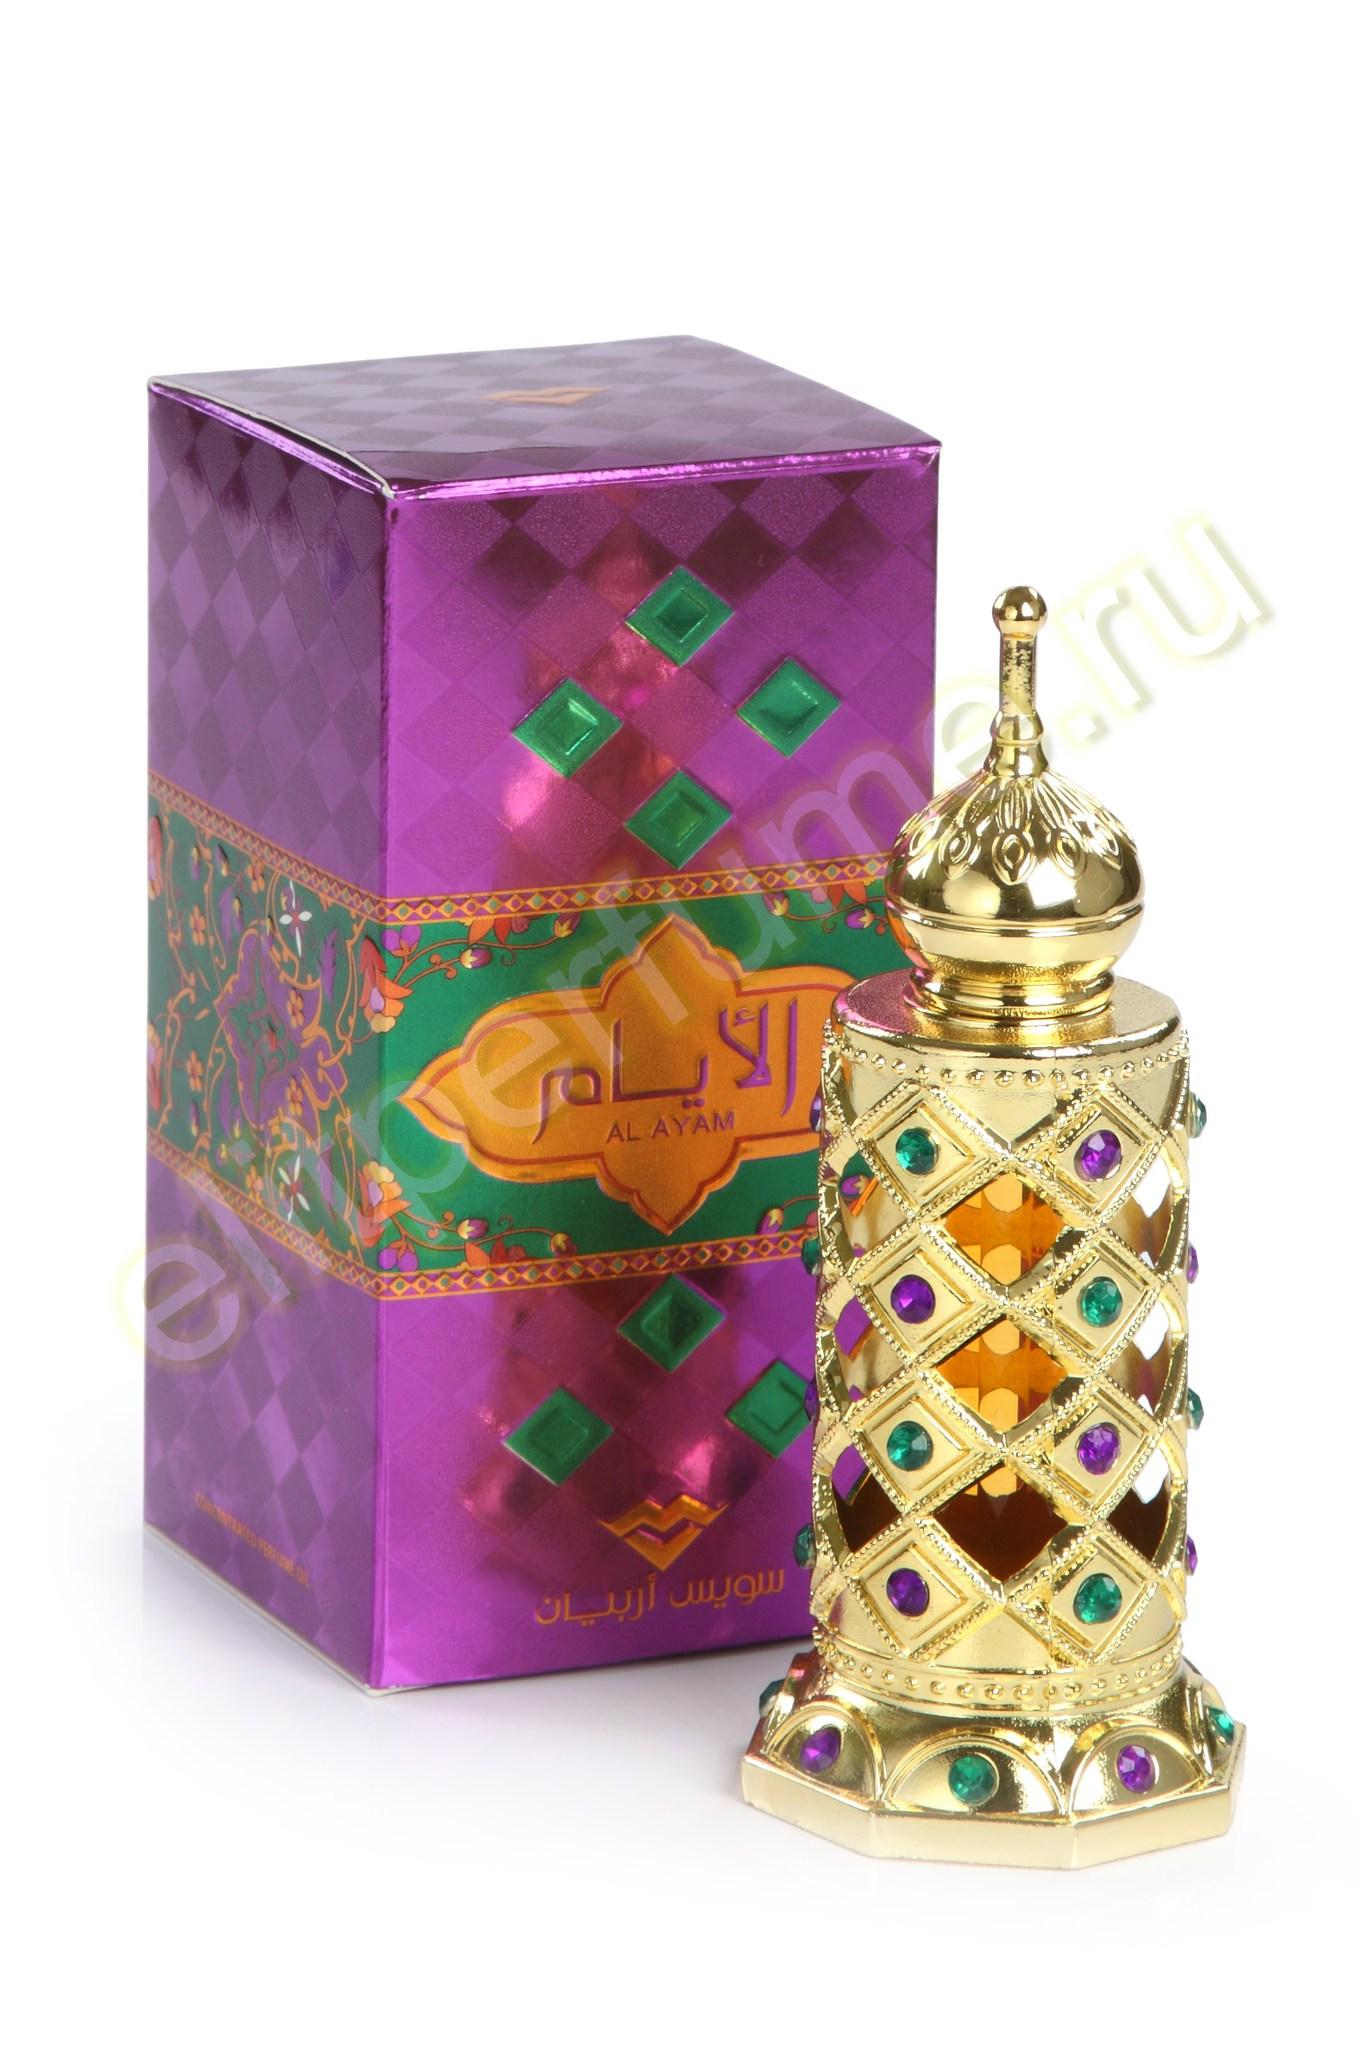 AL ayam Аль-Айам 15 мл арабские масляные духи от Свисс Арабиан Swiss Arabian